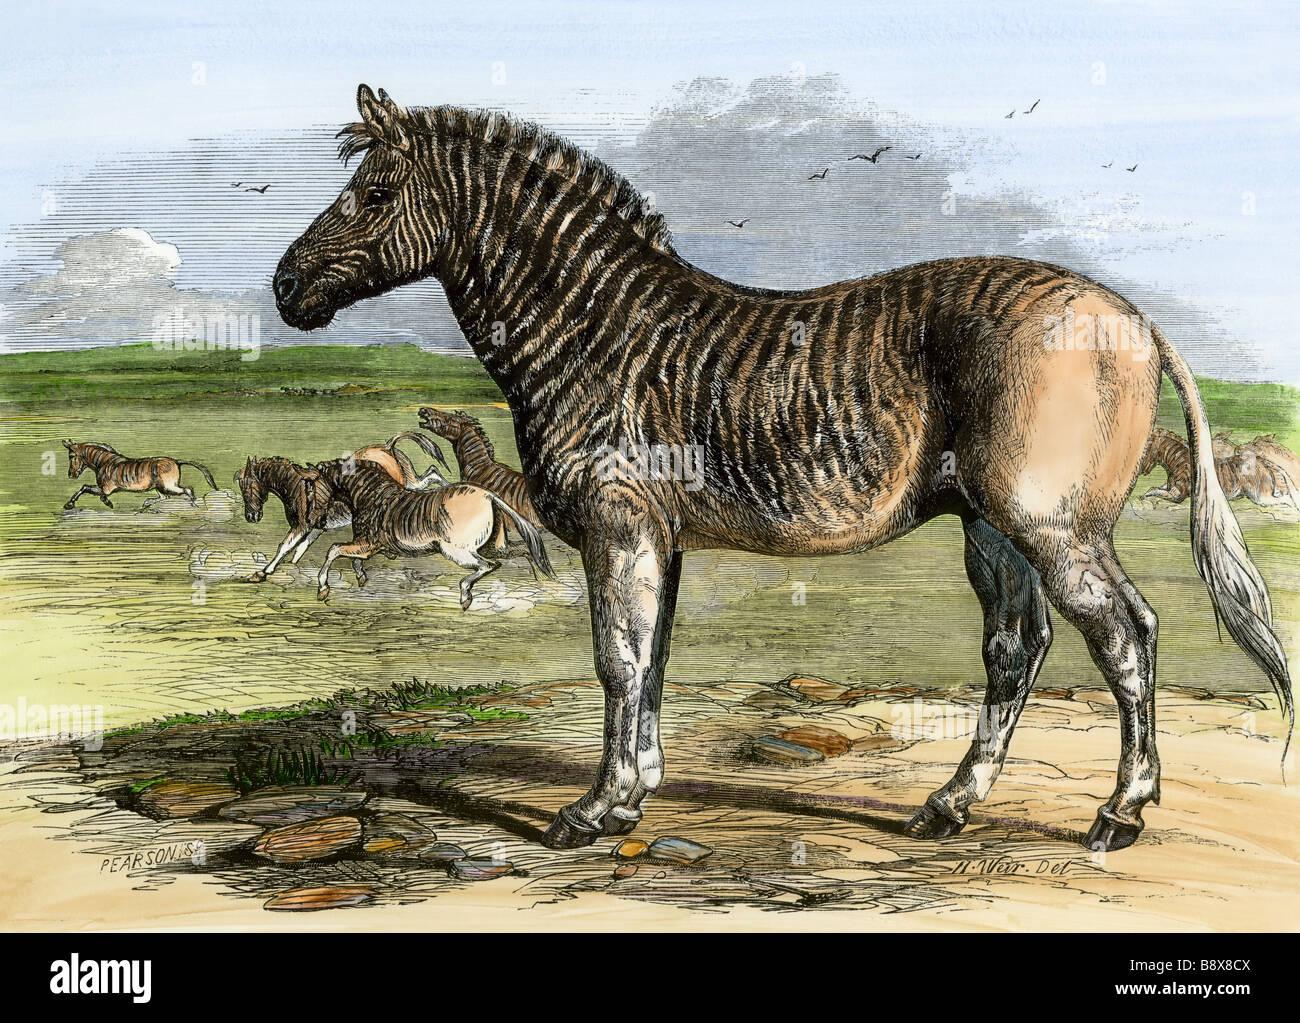 African Quagga, ora estinti, lo Zoo di Londra 1850s Immagini Stock